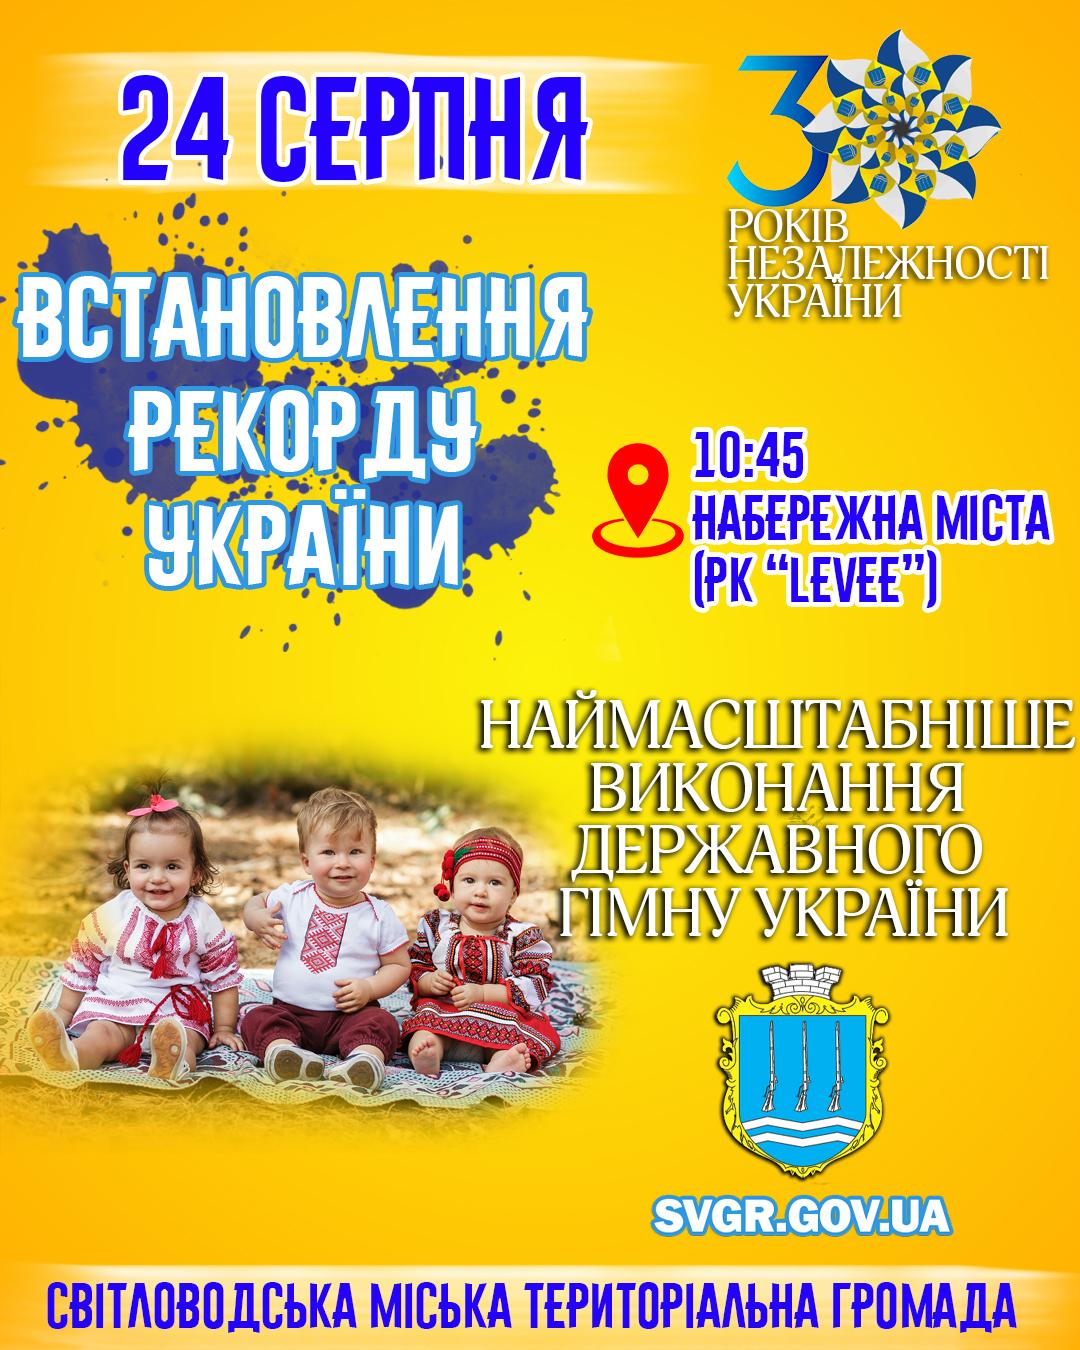 Запрошуємо долучитися до встановлення рекорду України